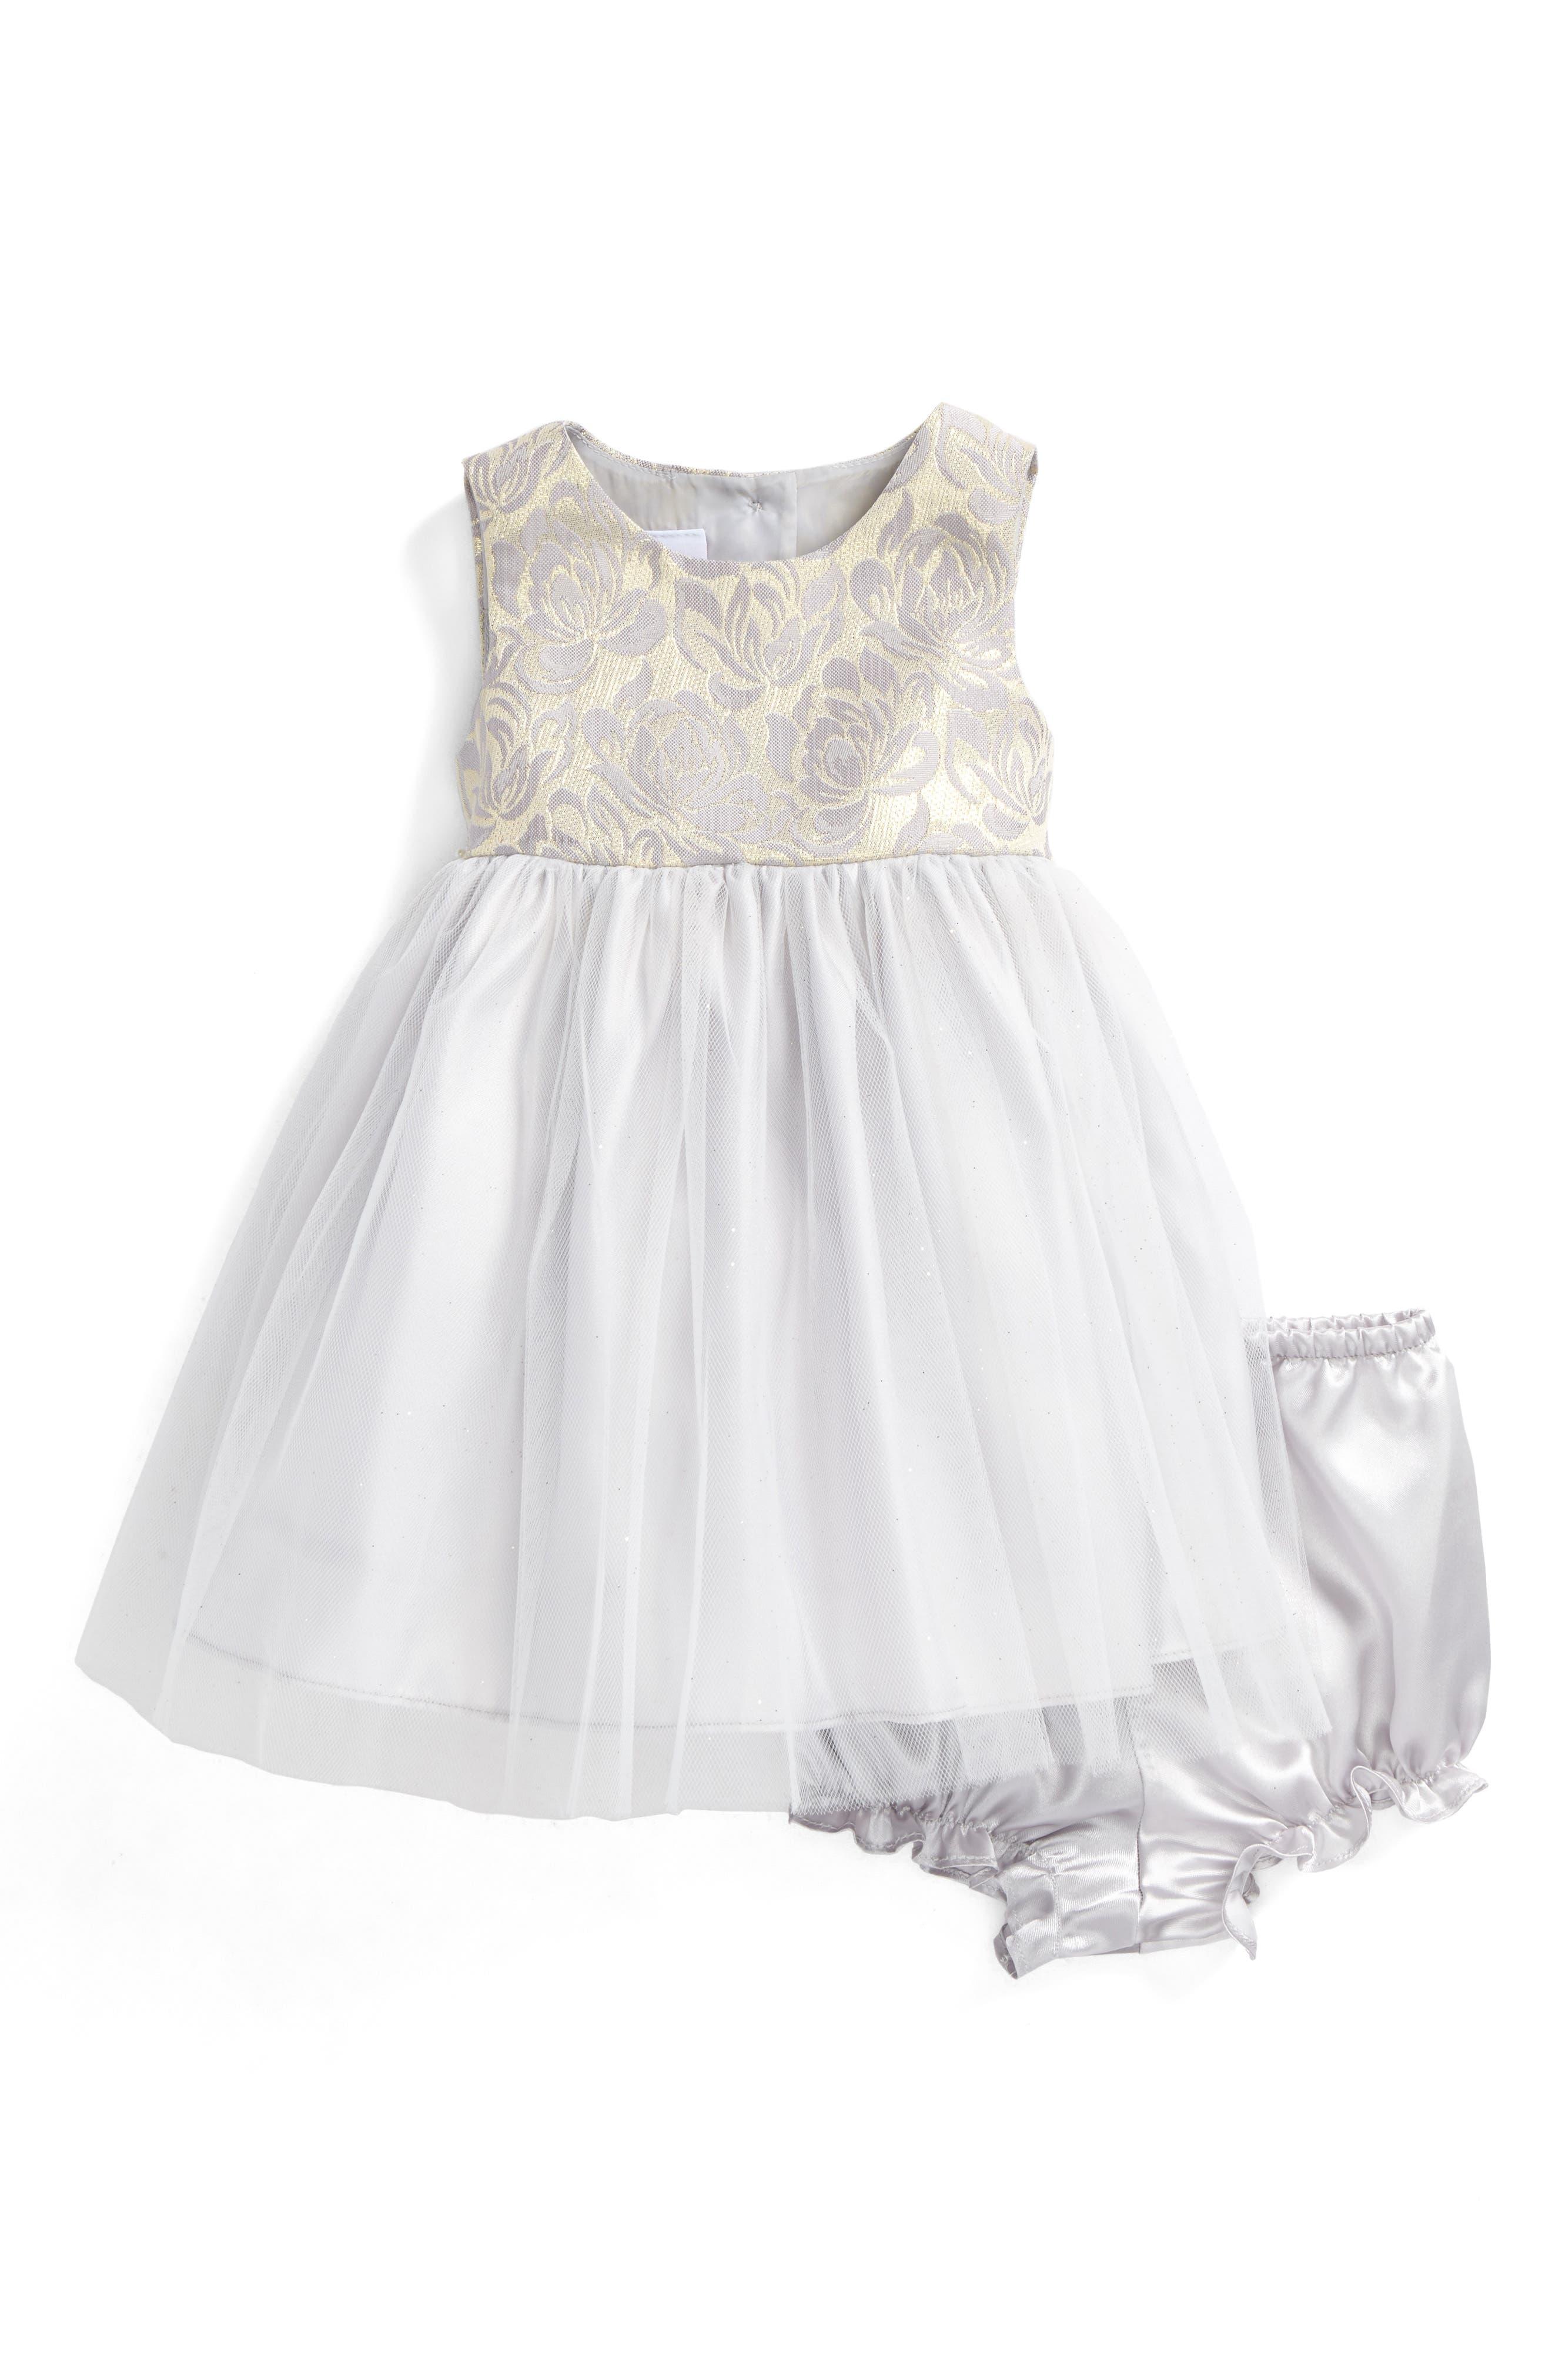 Alternate Image 1 Selected - Frais Sleeveless Tulle Dress (Baby Girls)